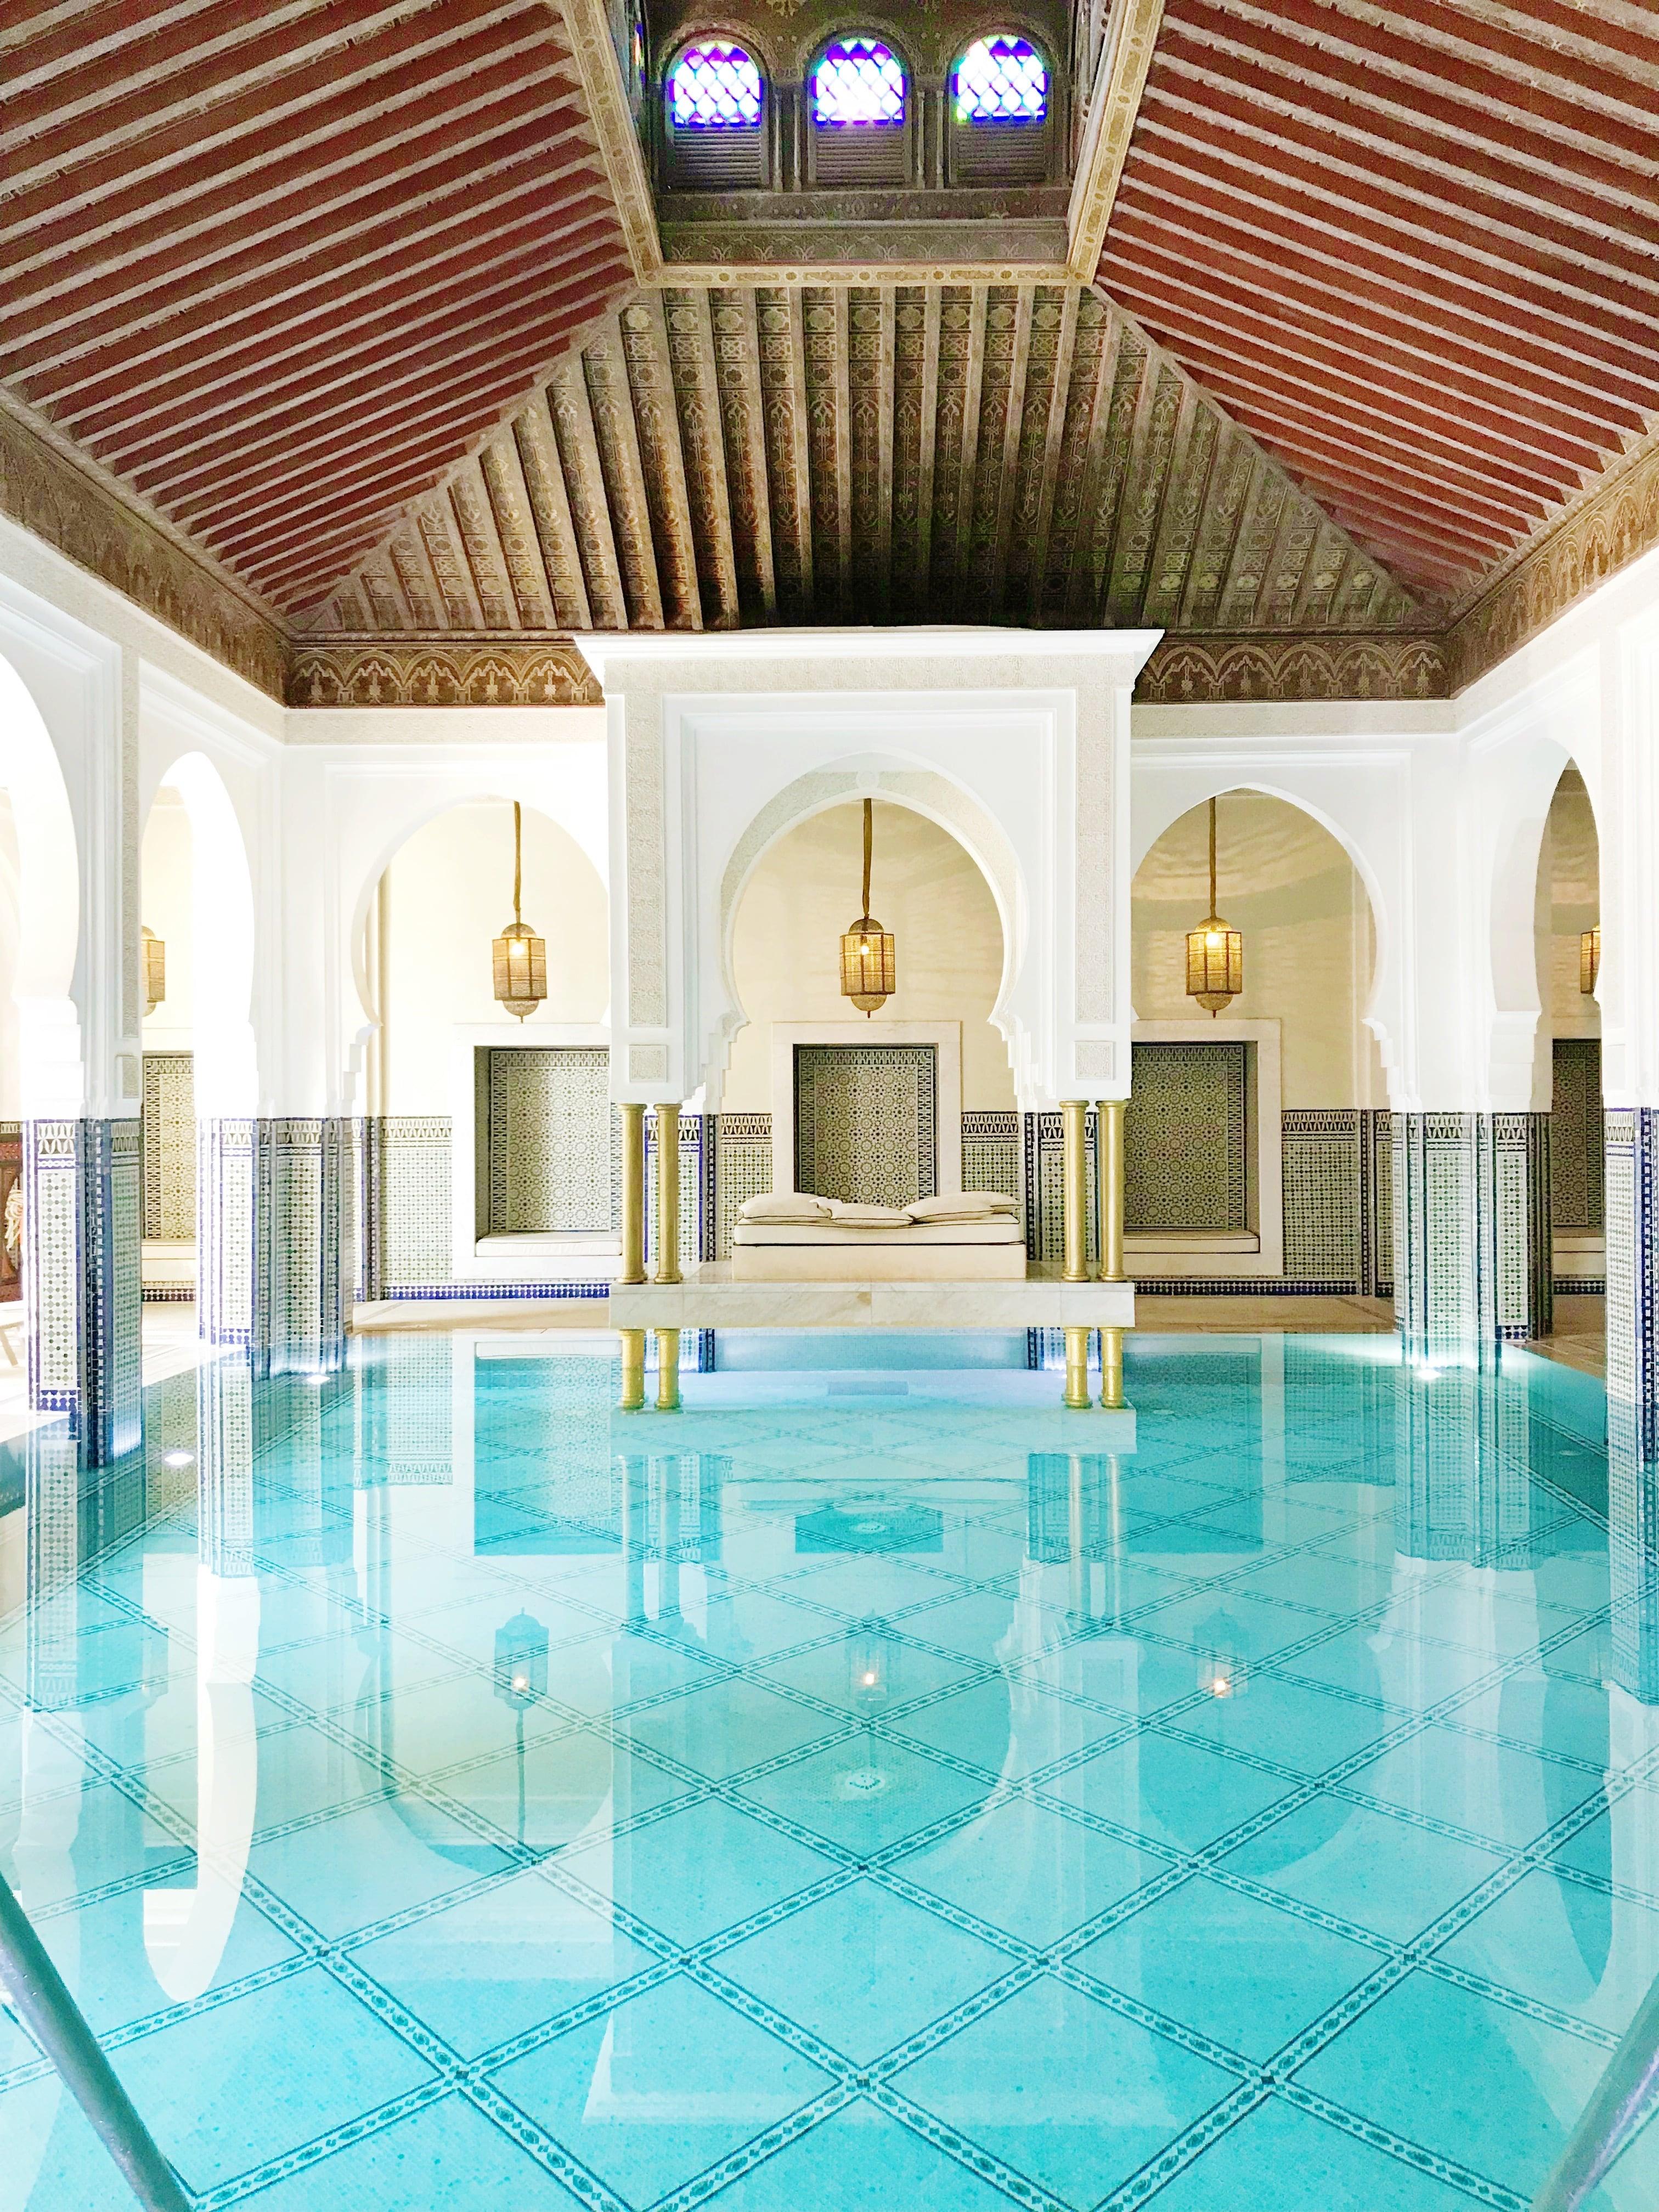 OUR STAY AT LA MAMOUNIA IN MARRAKECH | La Mamounia - La Mamounia Marrakech - La Mamounia Spa - Hotel La Mamounia - La Mamounia Hotel - Mamounia - Morocco Hotels - Marrakech Hotels - Morocco Travel Blog - La Mamounia Review - Hotel Review Morocco - Morocco Travel Blog #morocco #travelblog #marrakech